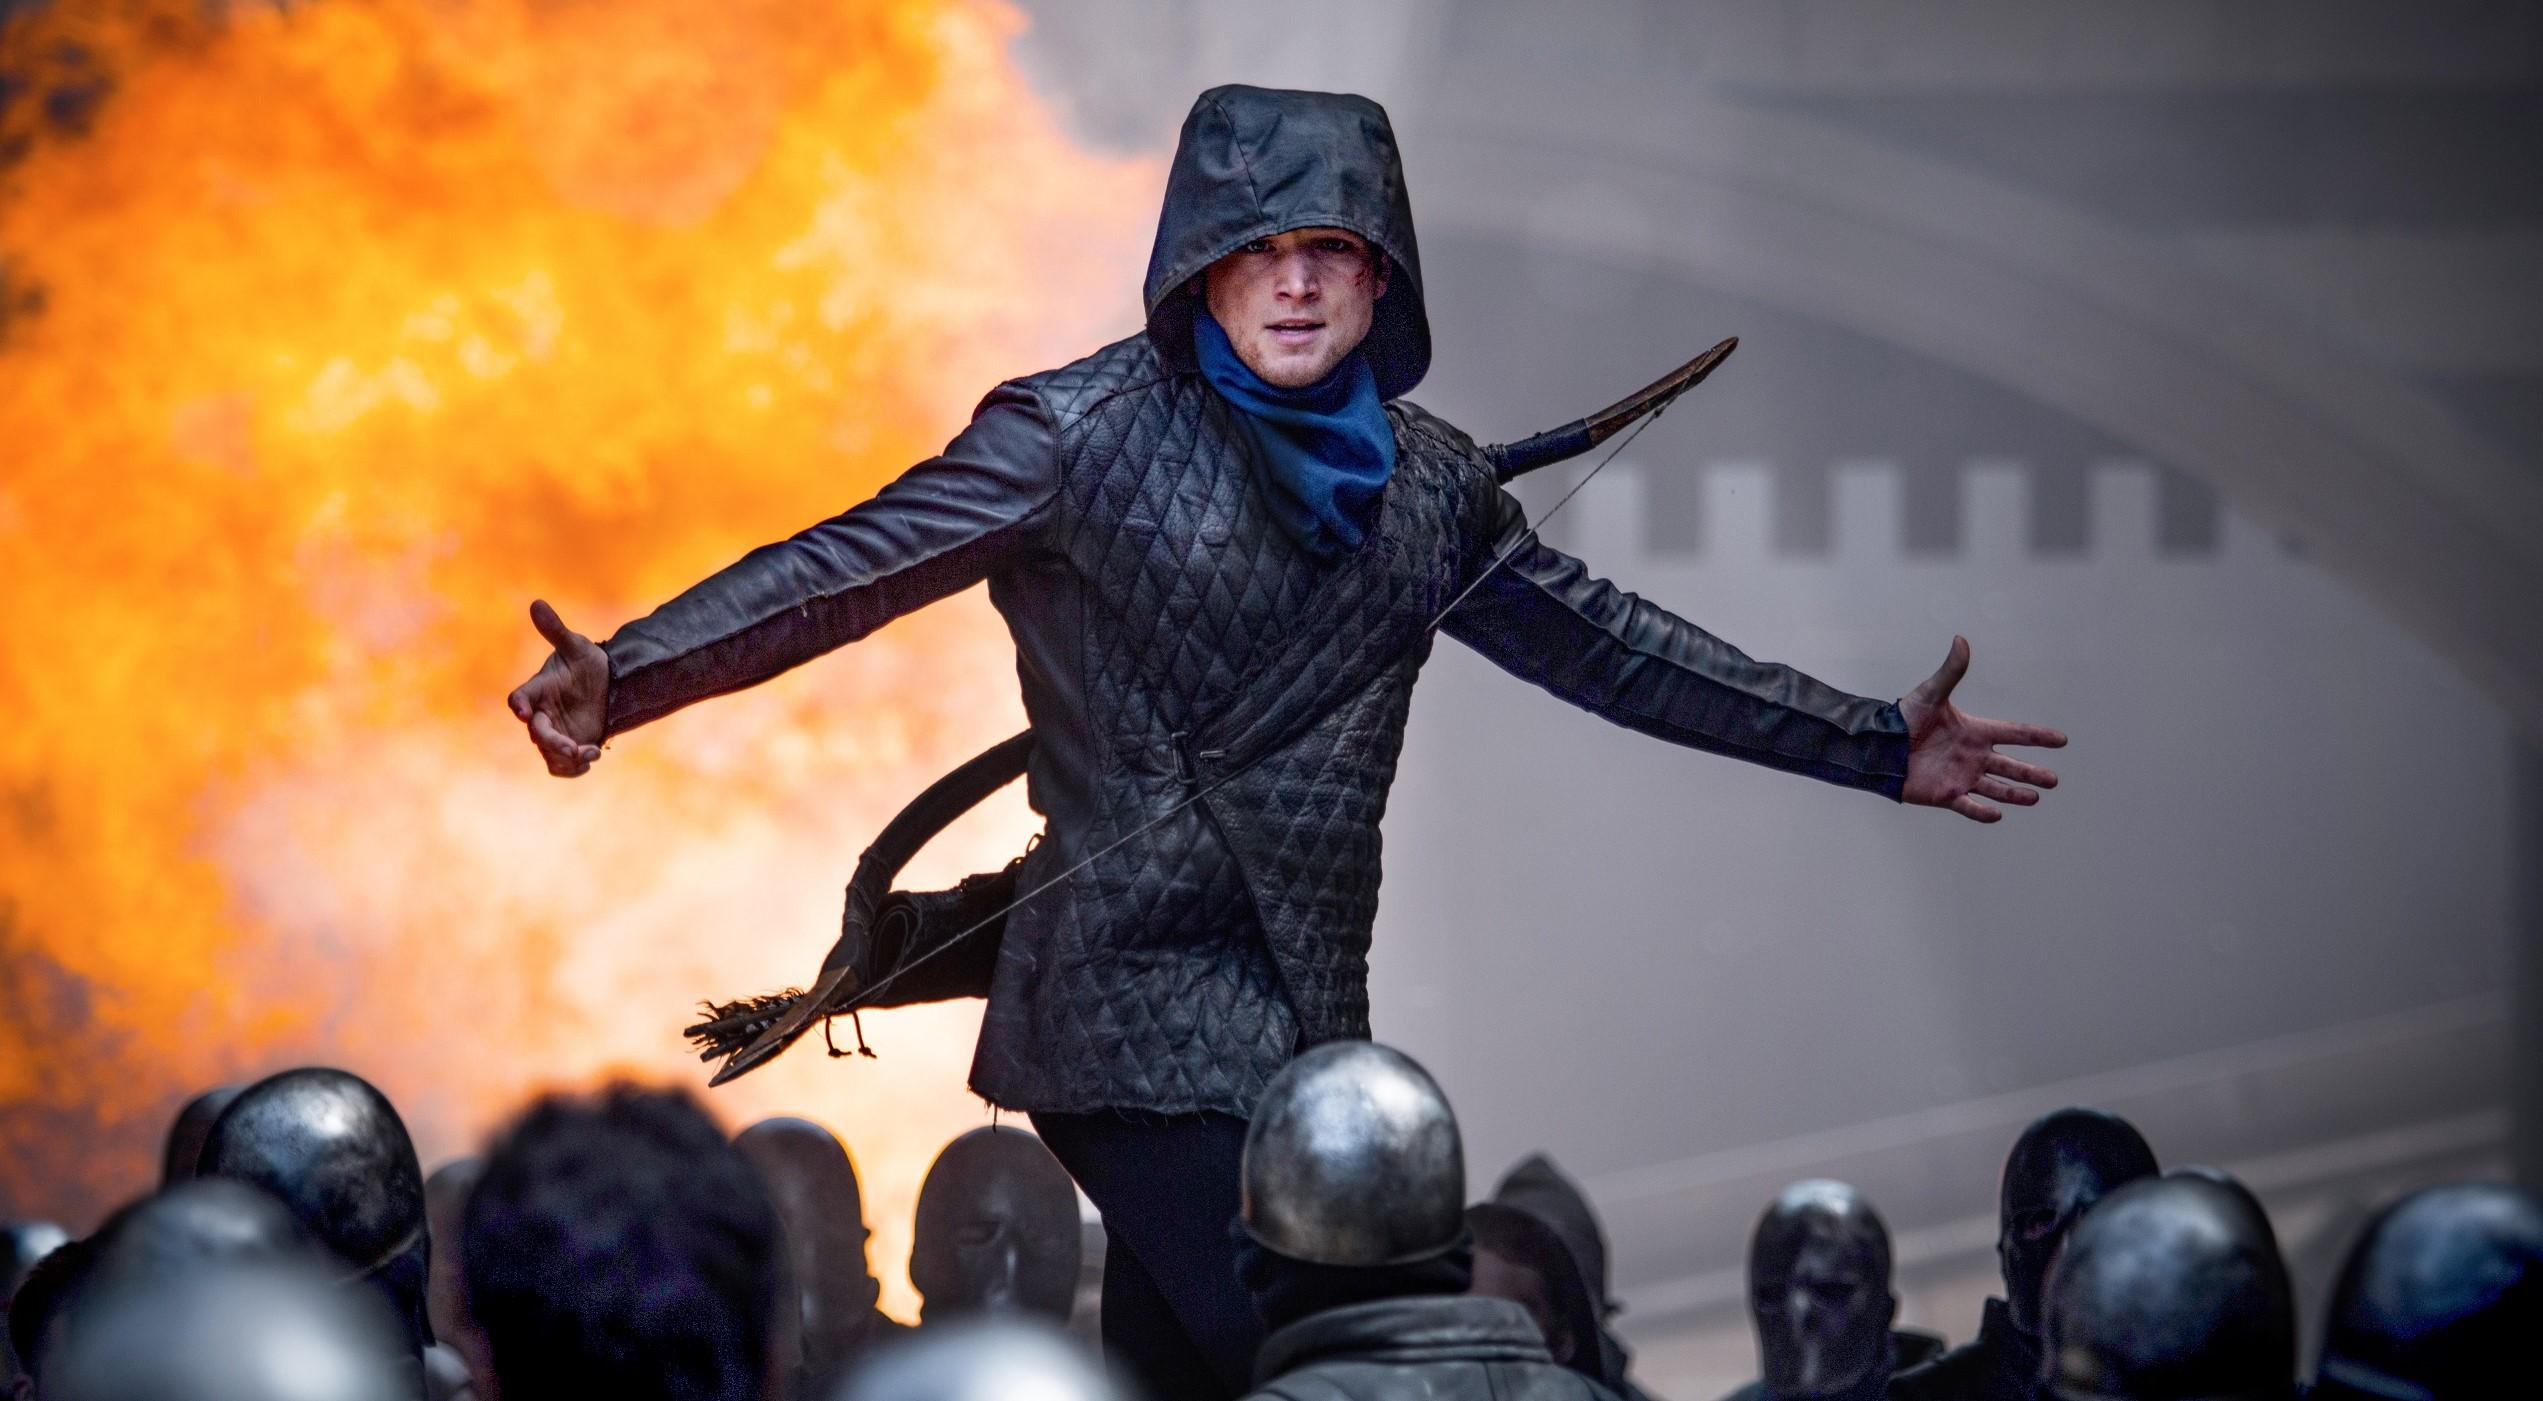 Тэрон Эджертон воюет с английской короной в трейлере «Робин Гуда»